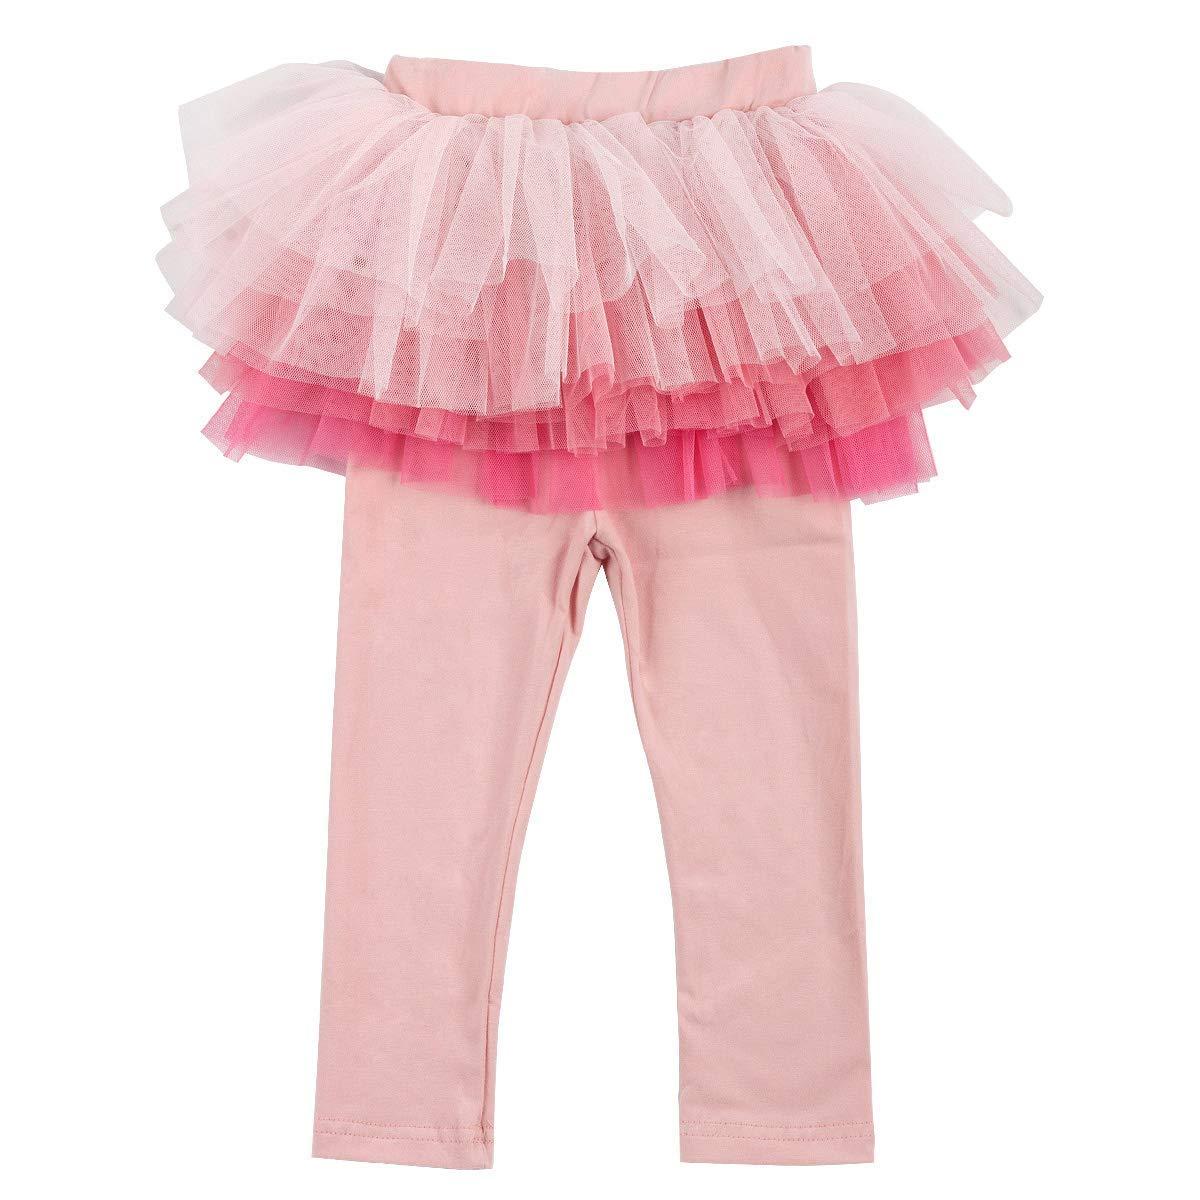 ef6f253dee60a ZIYOYOR Kids Girls Elastic Waist Fleece Lined Leggings with Ruffle Tutu  Skirt product image